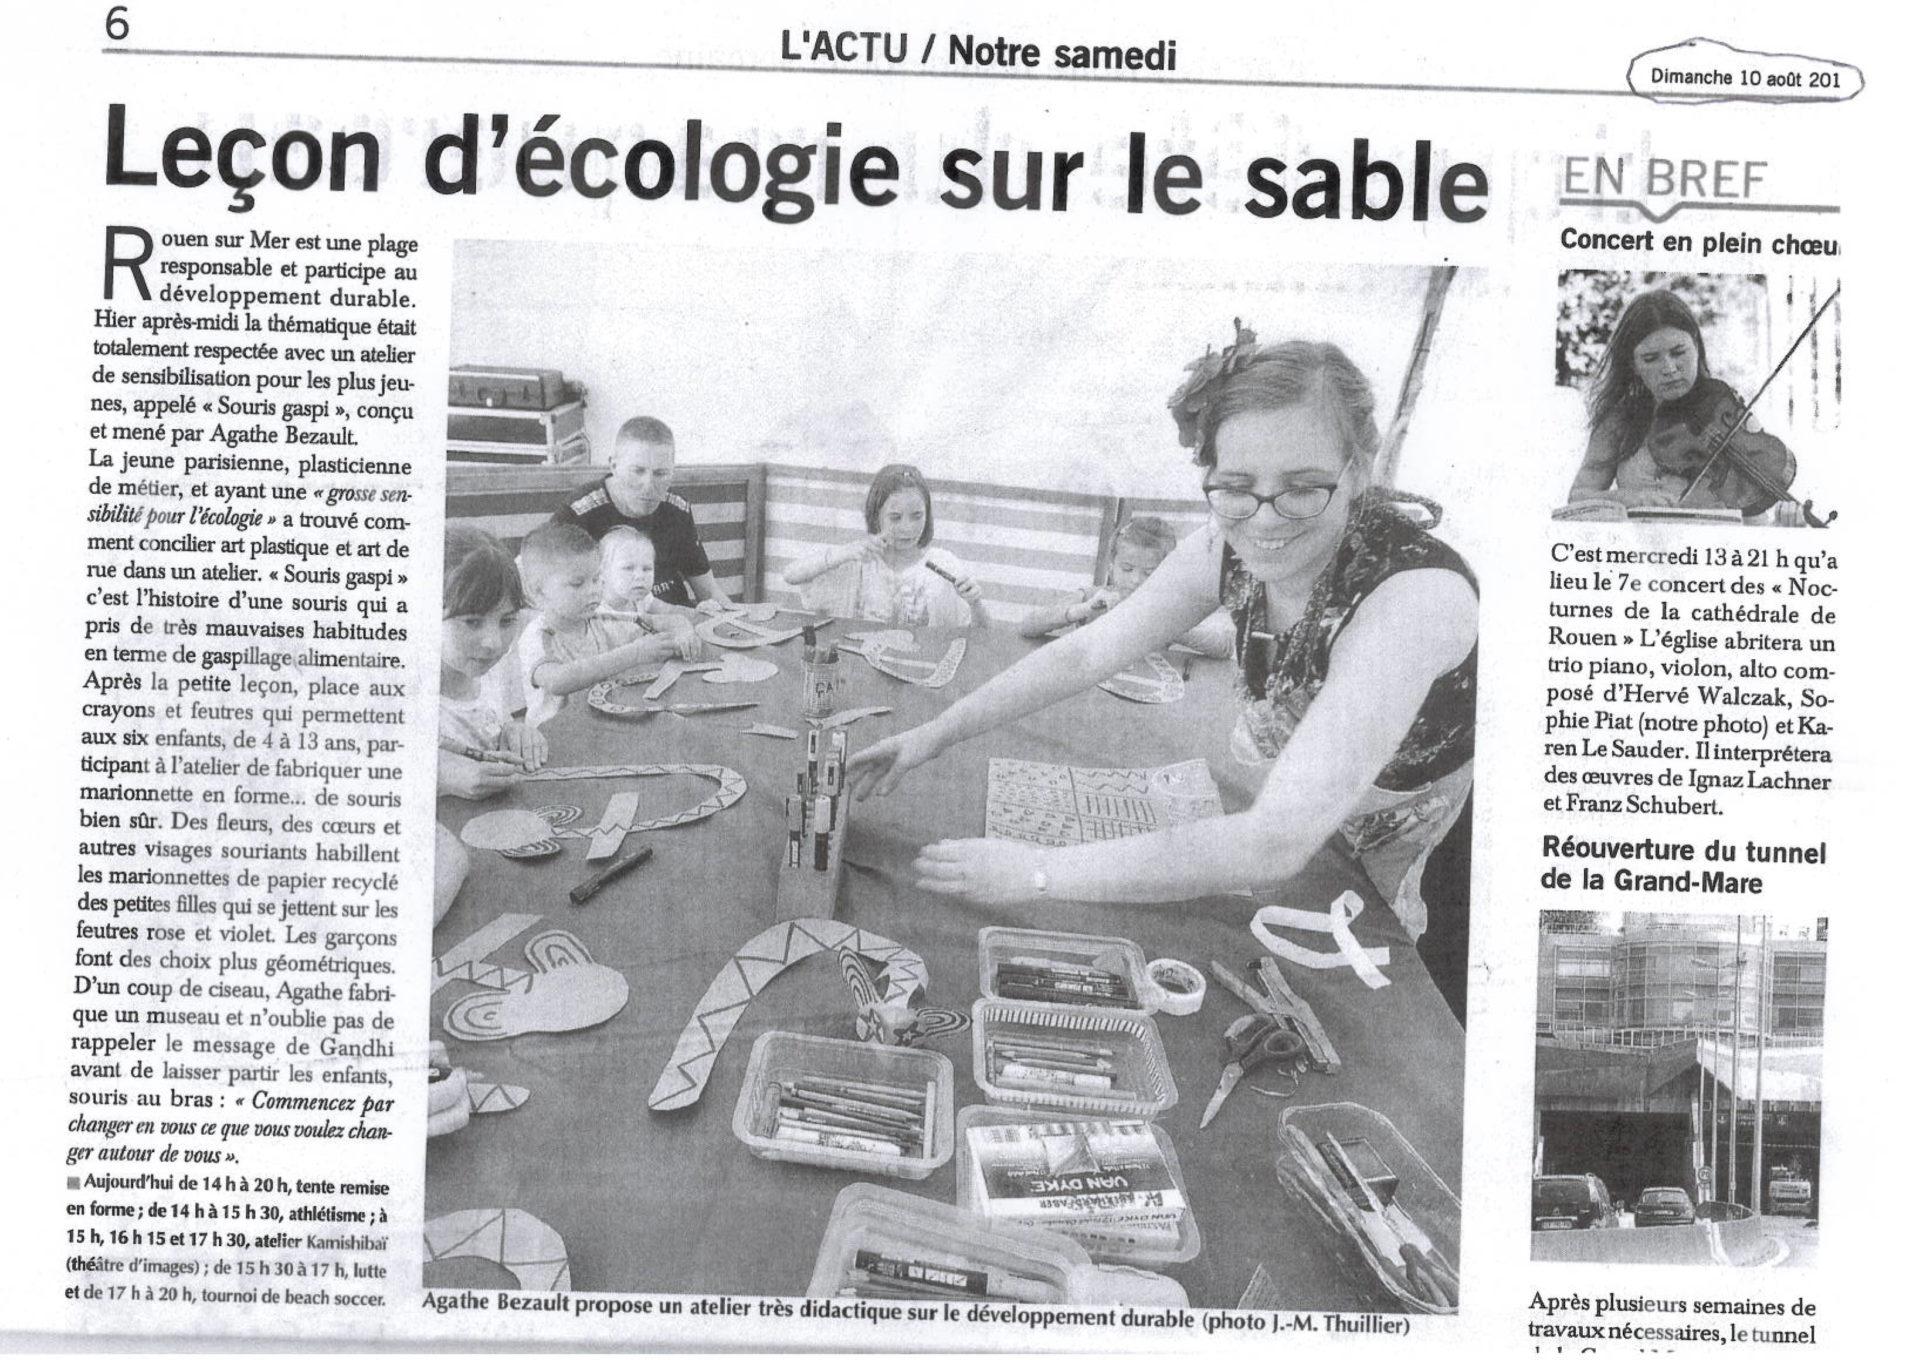 article_liberte_dimanche